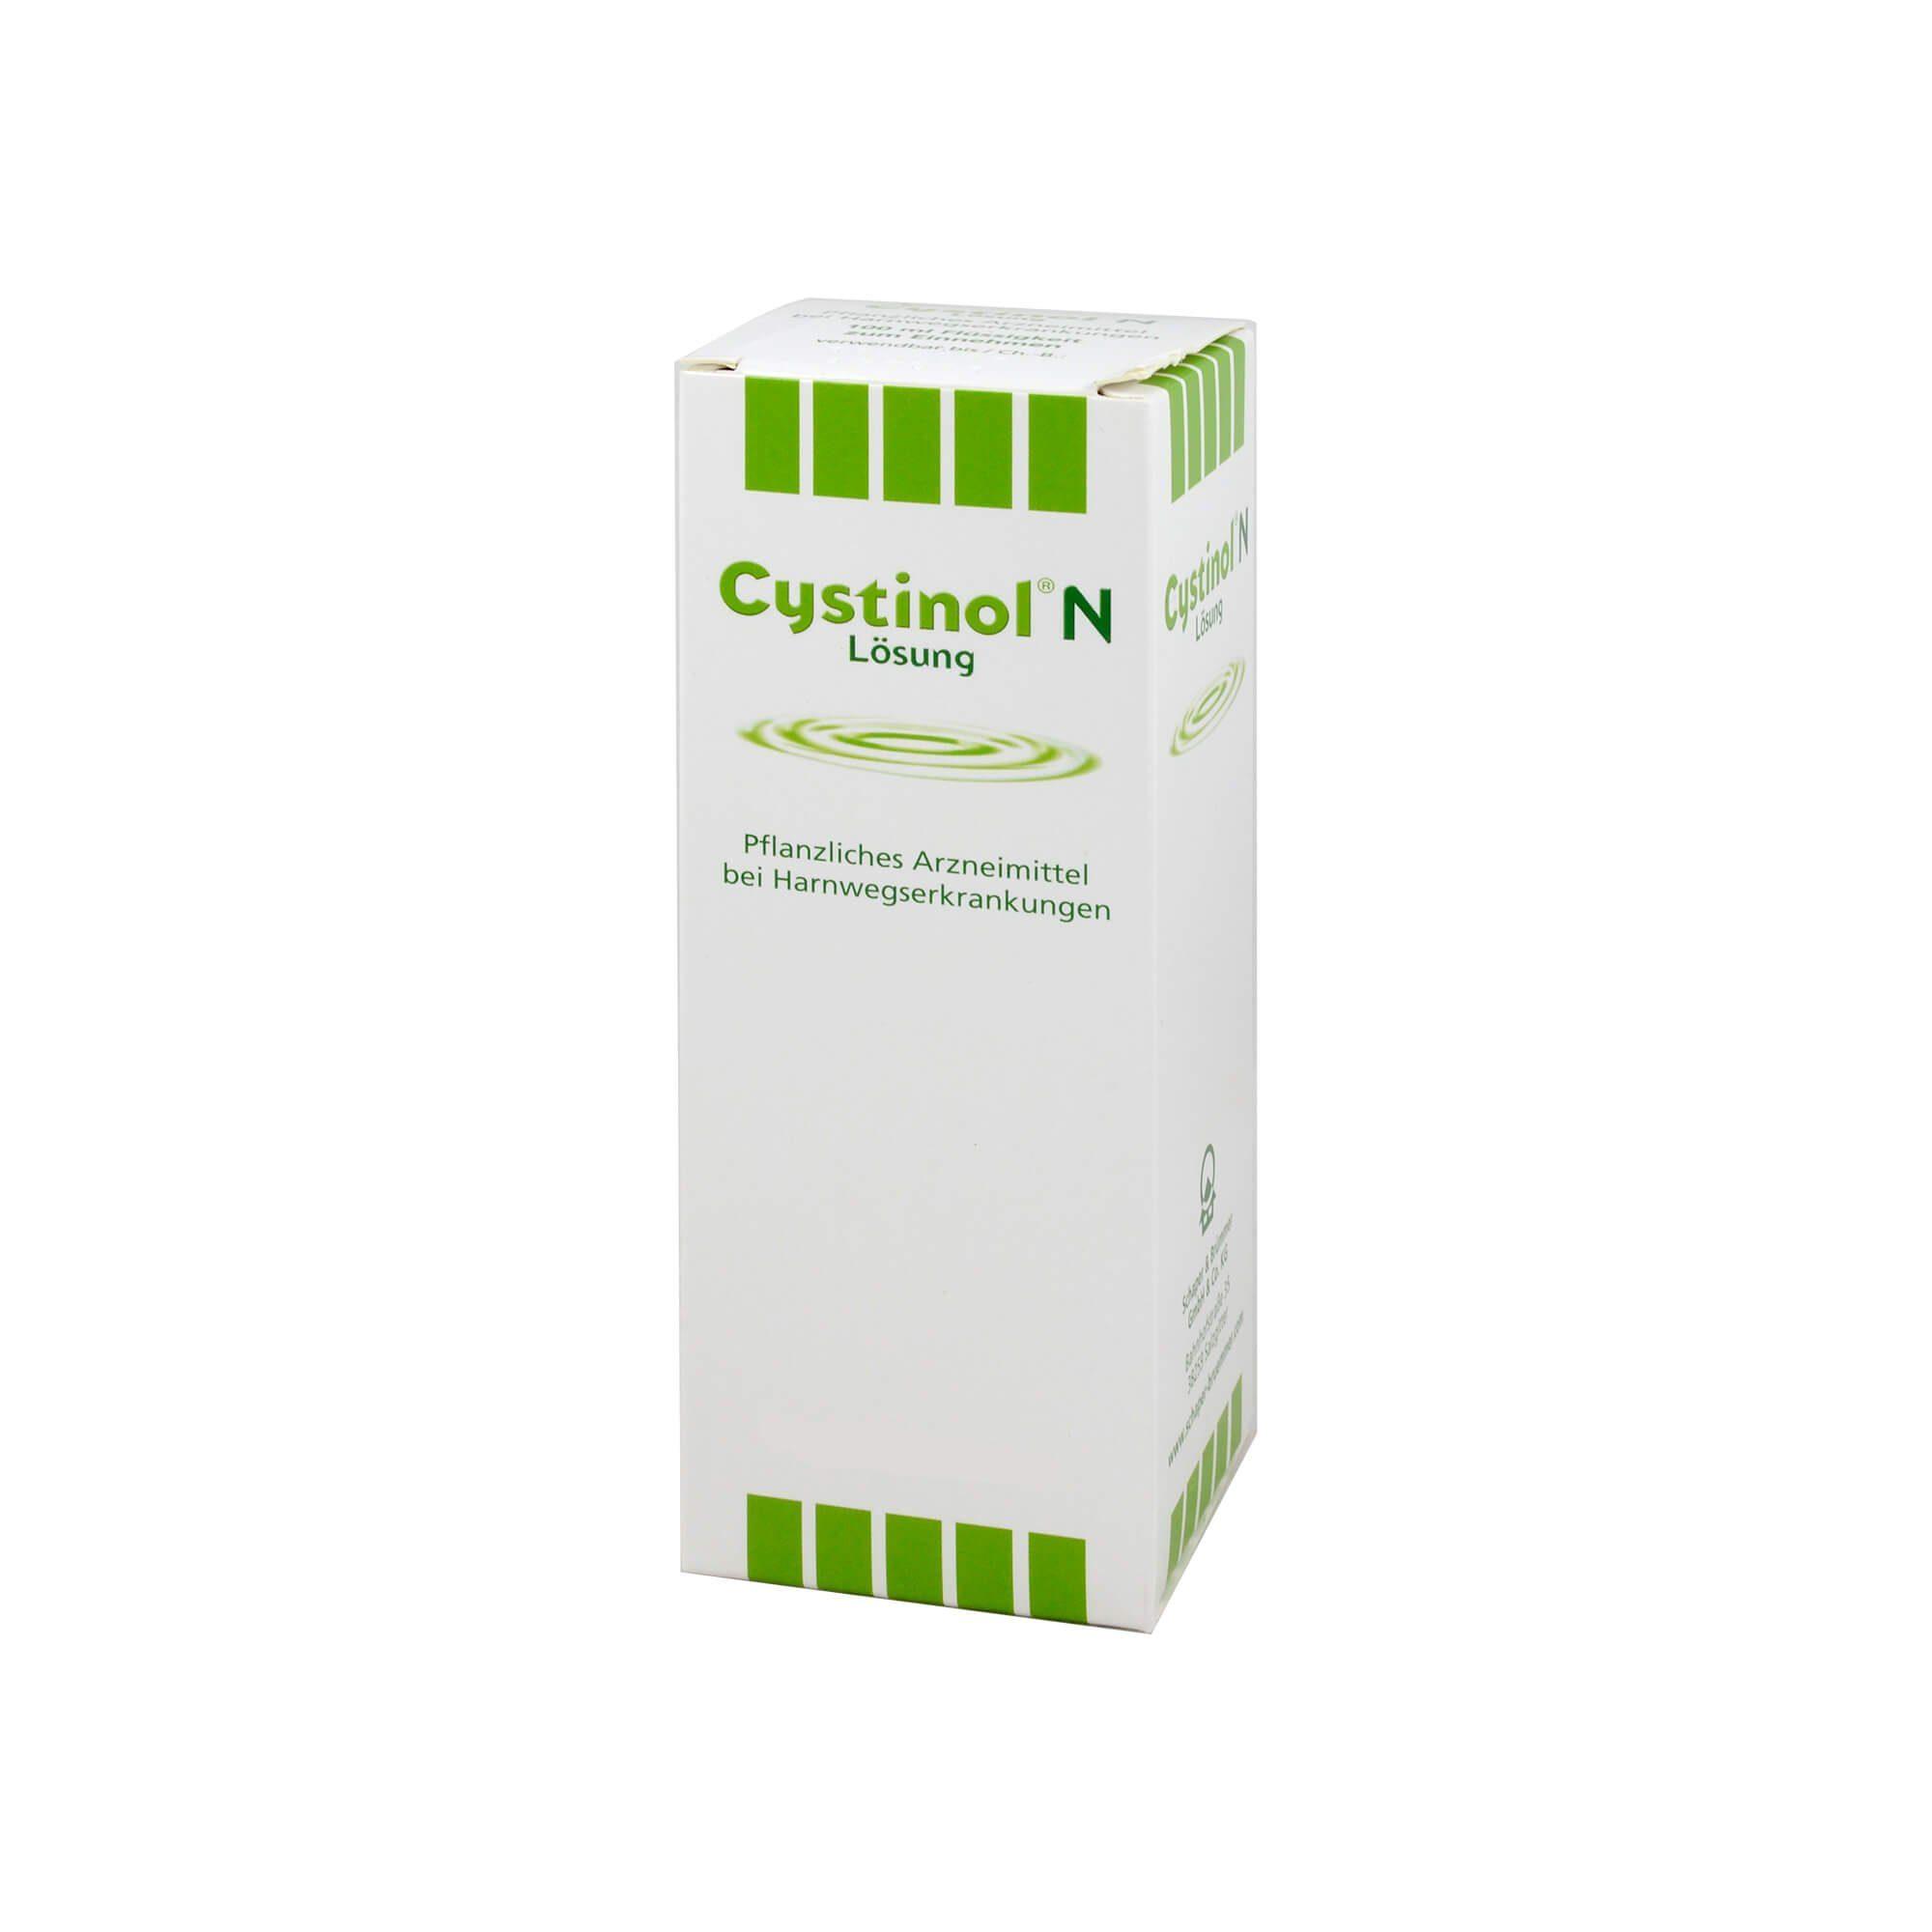 Cystinol N Lösung, 200 ml